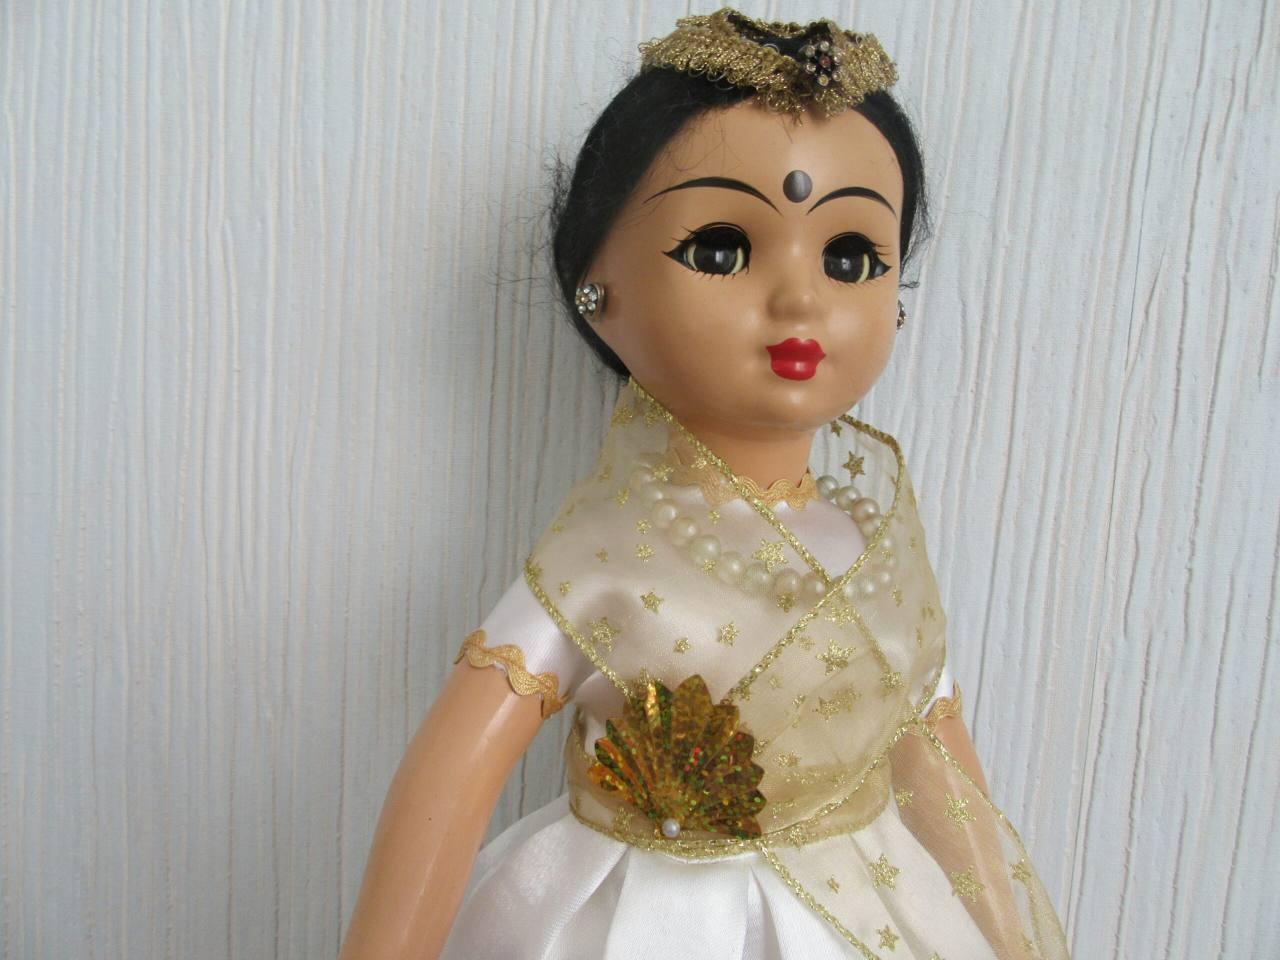 Мастерская Мимидол.  Ручной пошив винтажной одежды для кукол и ремонт кукол. Блог Красновой Натальи. IMG_2965-scaled